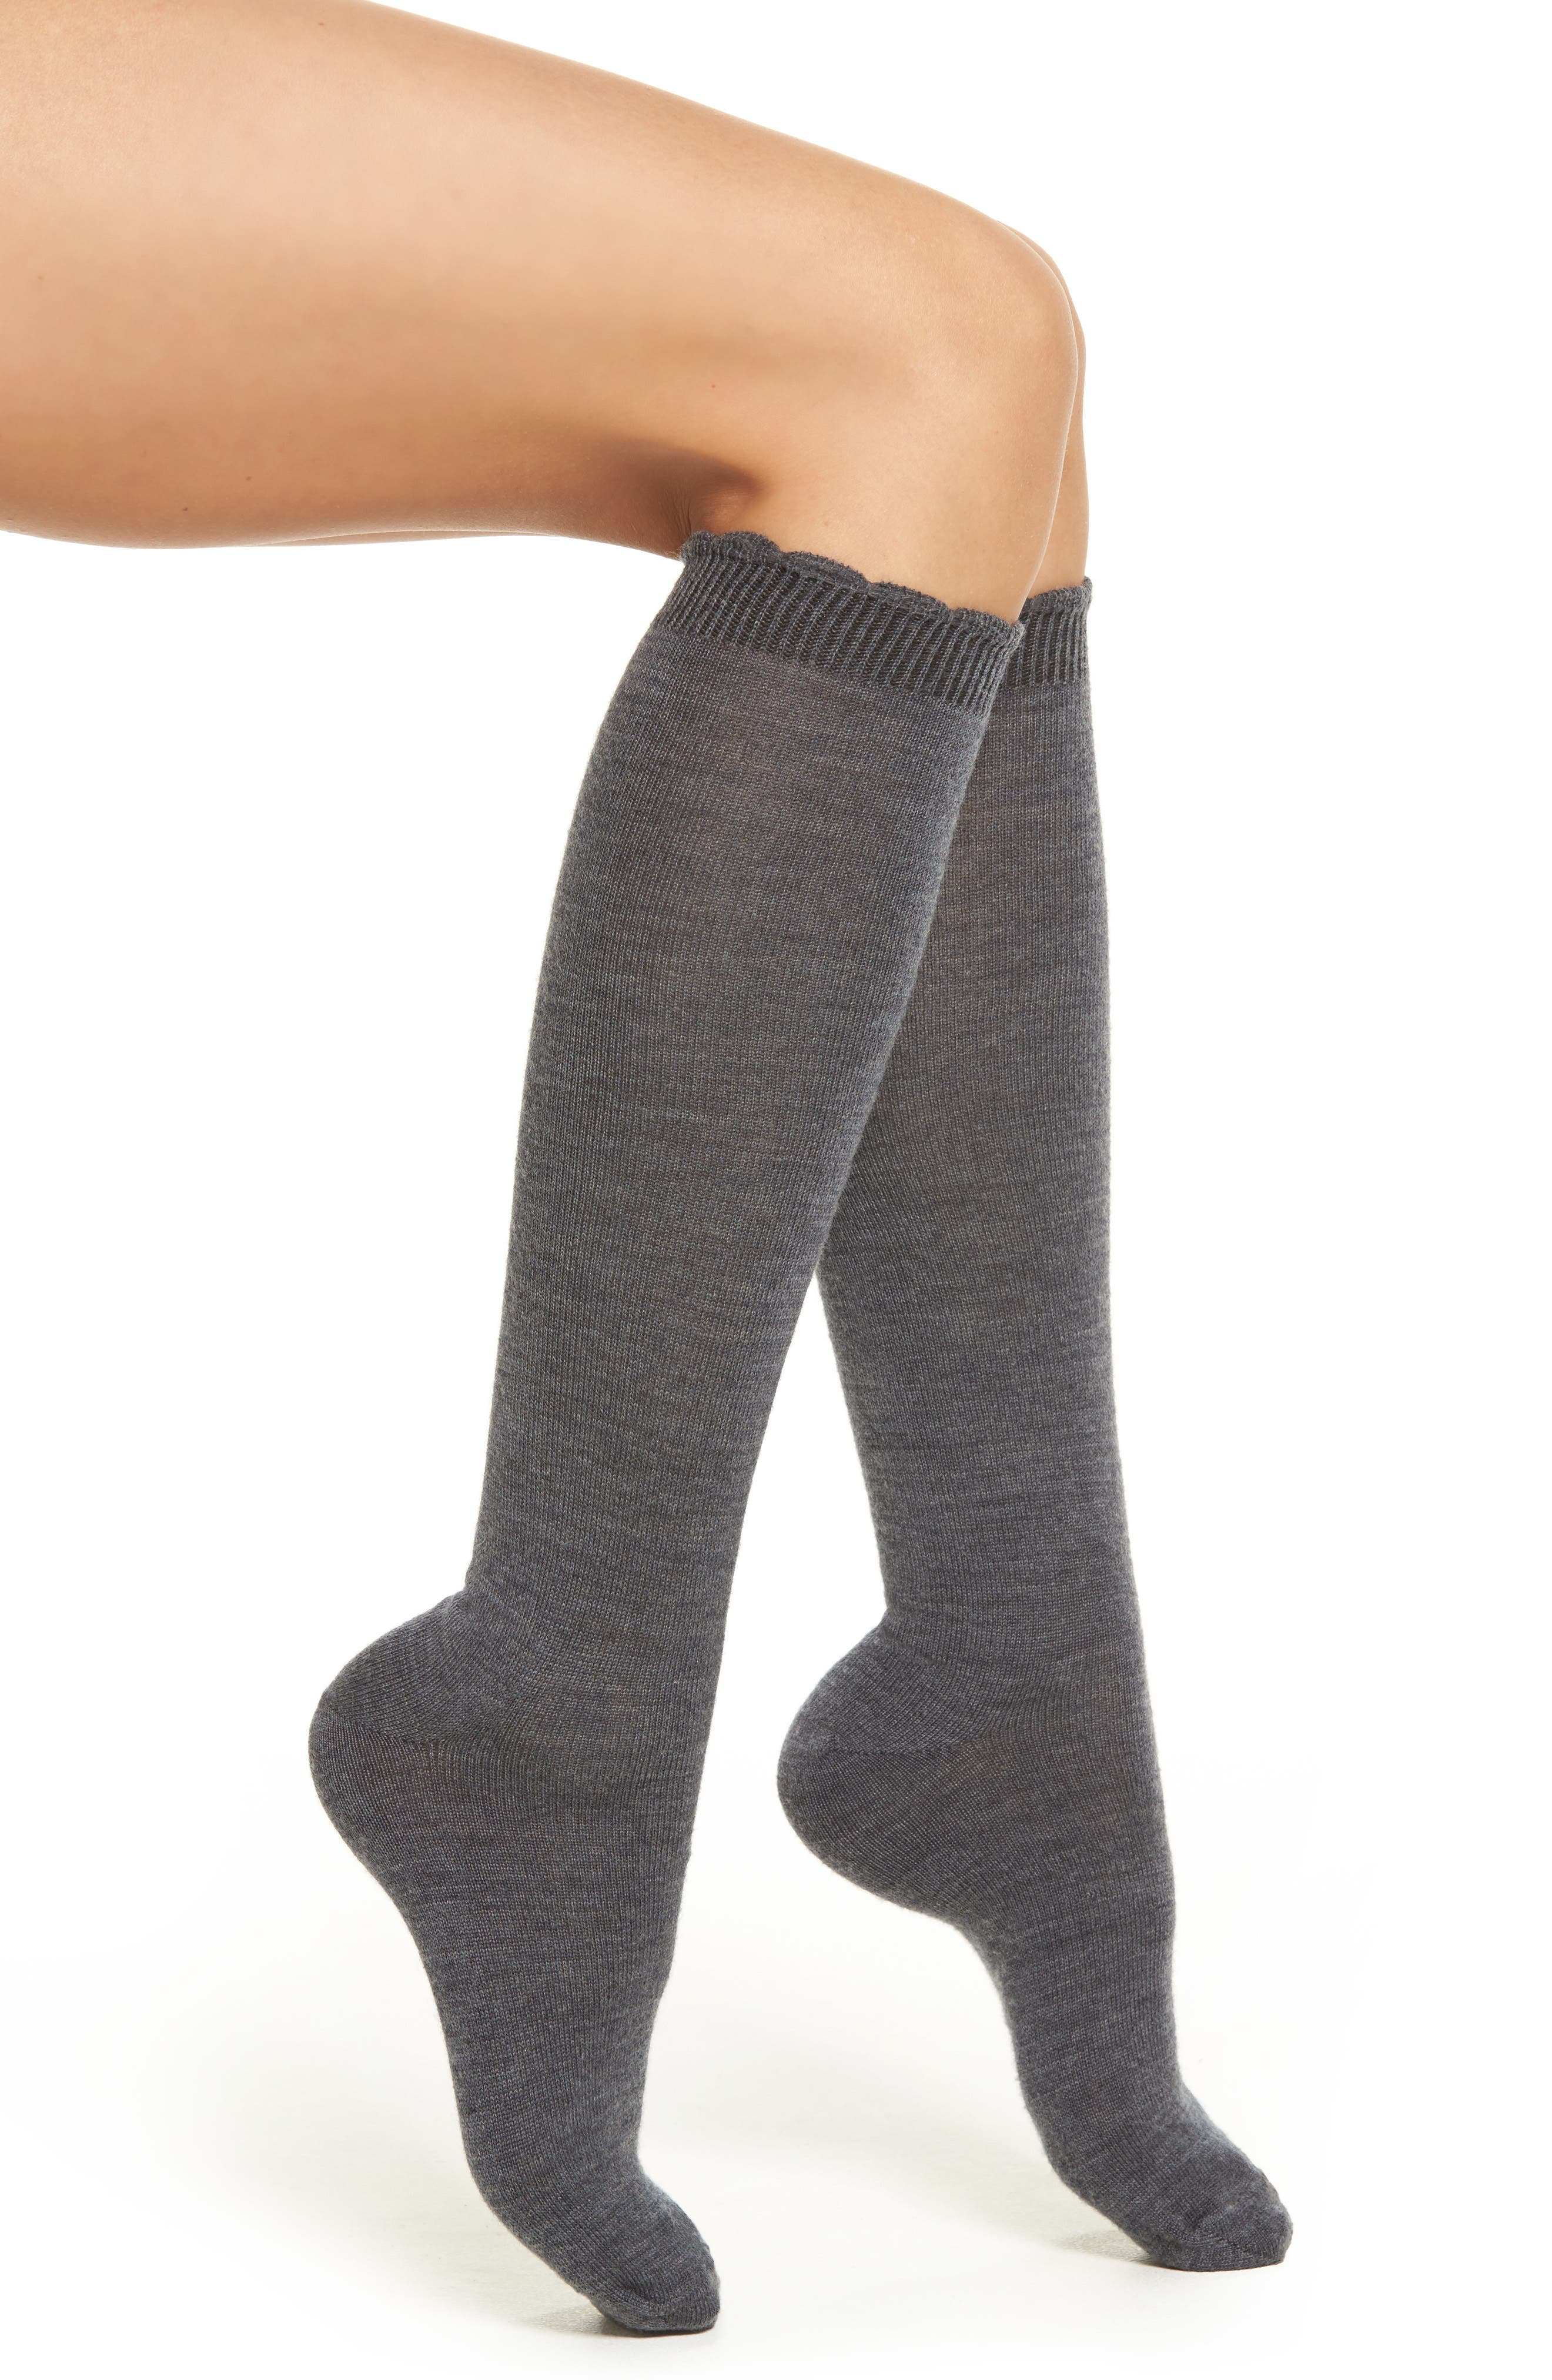 Merino Wool Blend Knee Socks,                         Main,                         color, 098